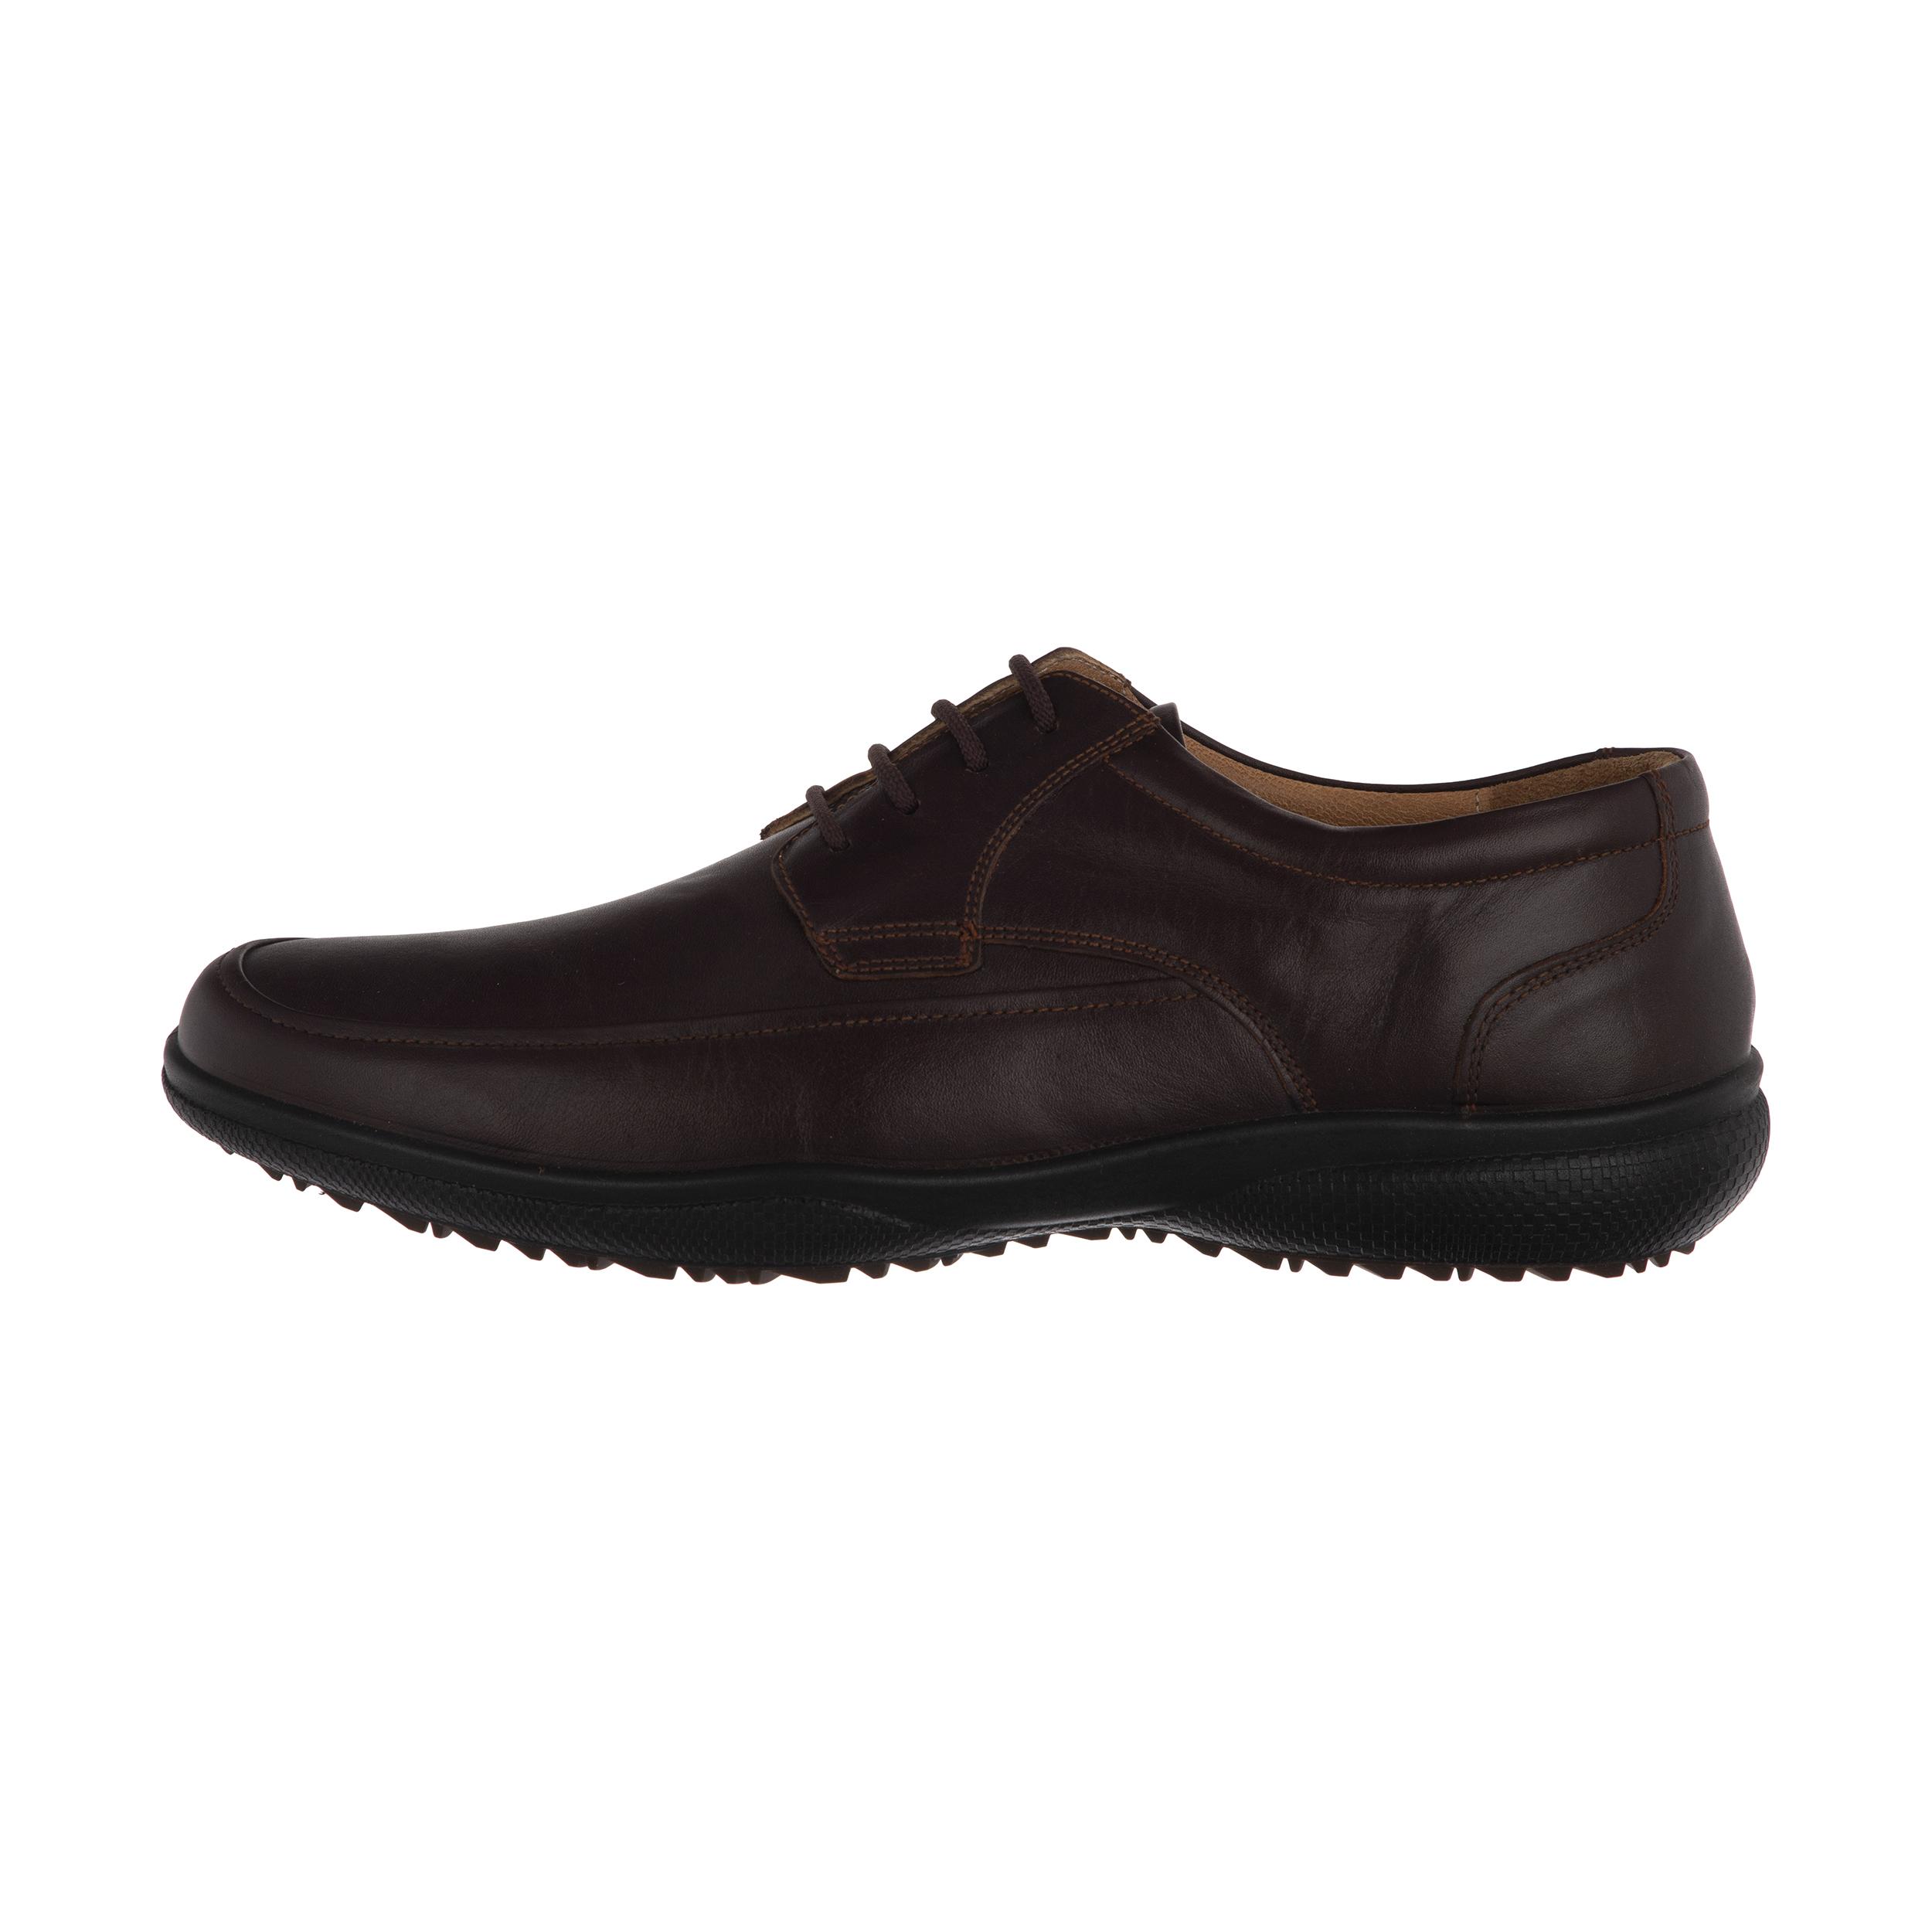 کفش روزمره مردانه پاما مدل 7402D503110